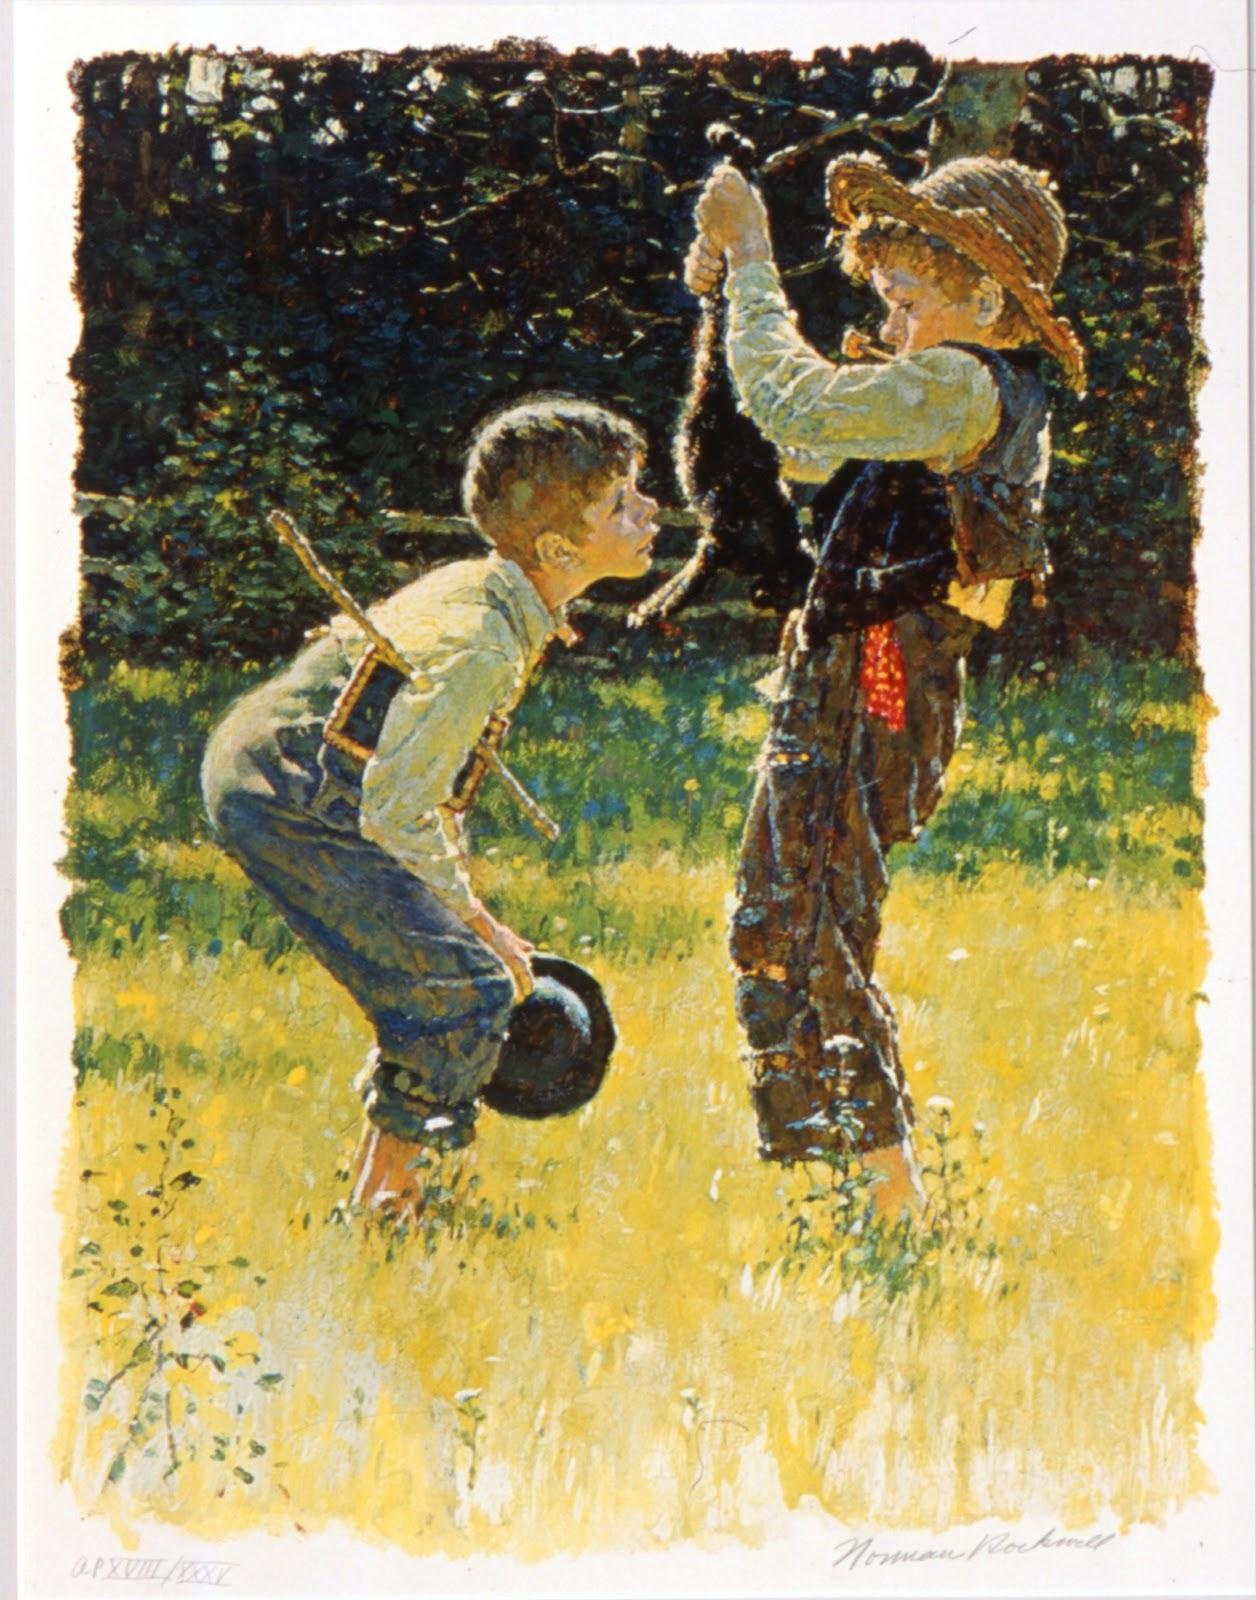 Tom Sawyer e Huckleberry Finn secondo Norman Rockwell: l'edizione di Le avventure di Tom Sawyer  da lui illustrata, fu pubblicata nel 1936 per i tipi della Heritage Press, New York.